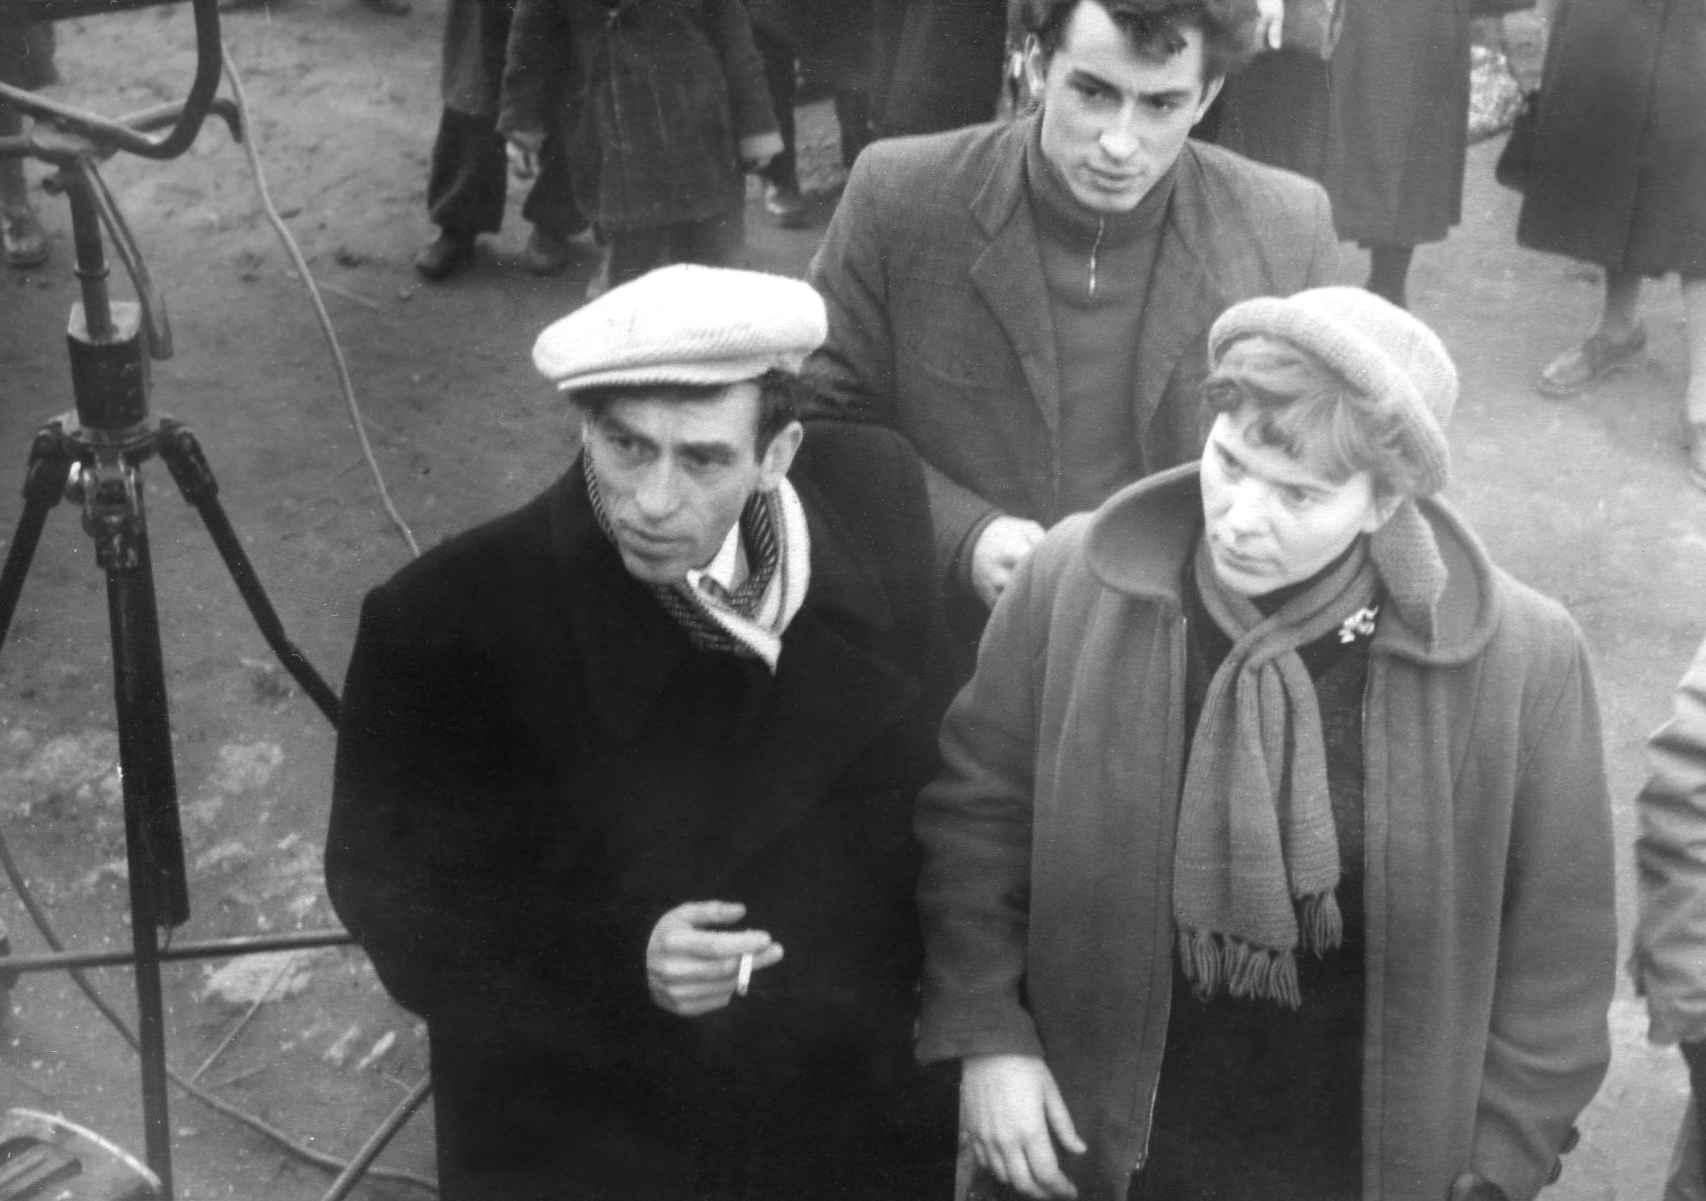 Экспонат #28. С Семёном Тумановым и Юрием Копеевым. 1957 год